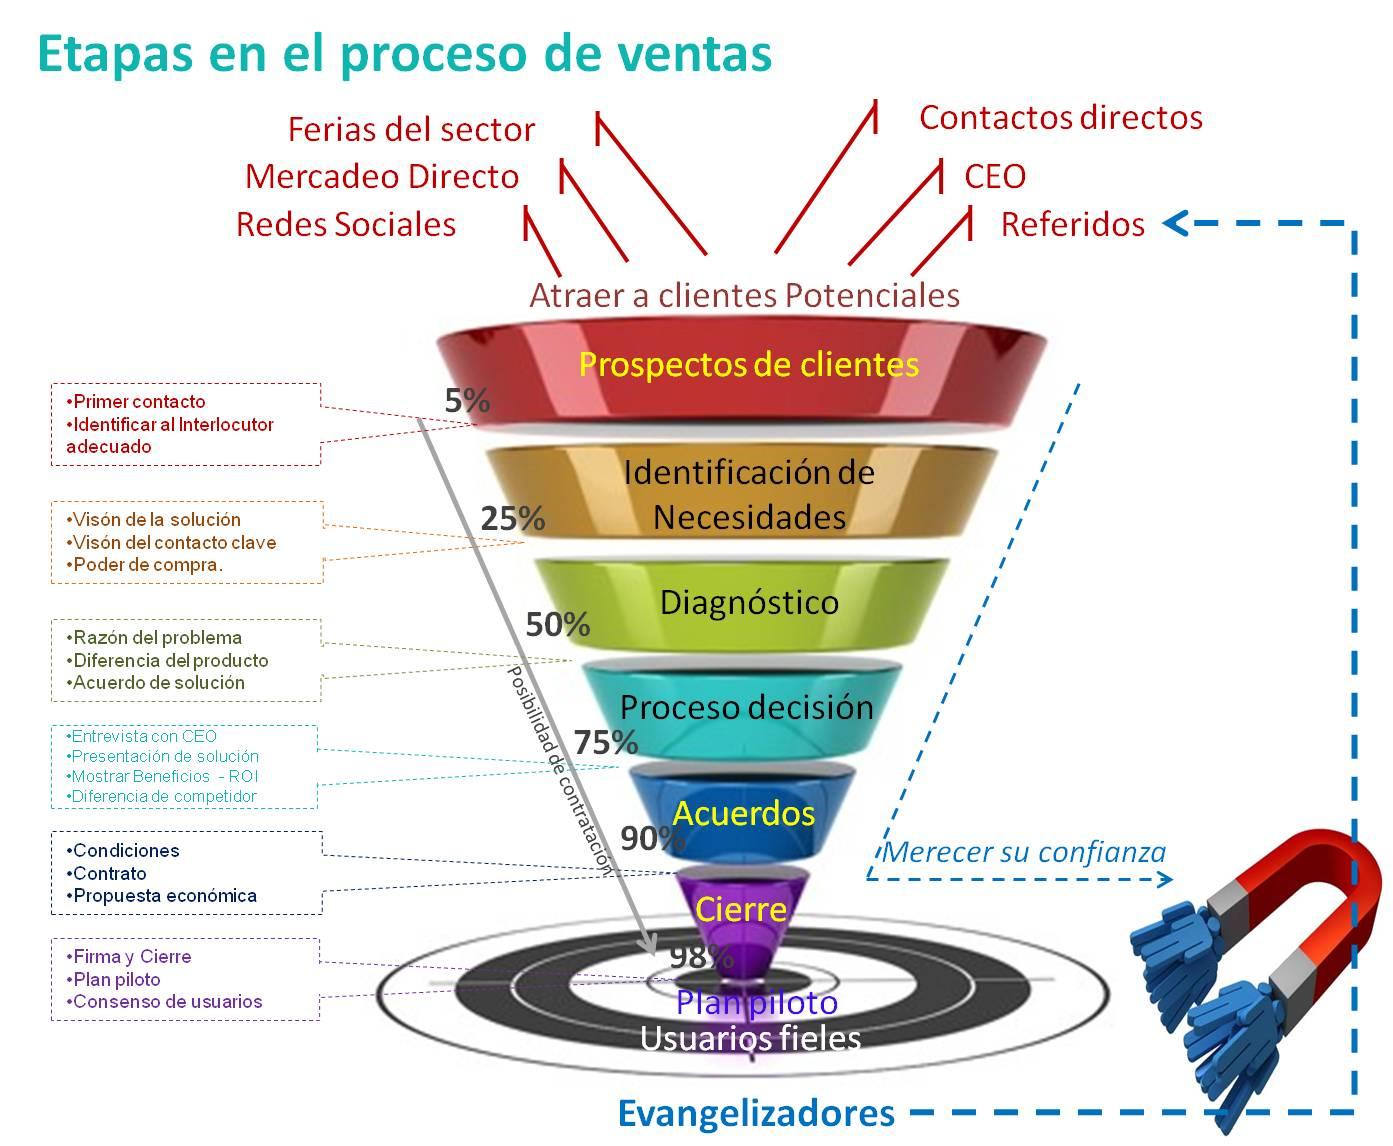 ciclo de ventas